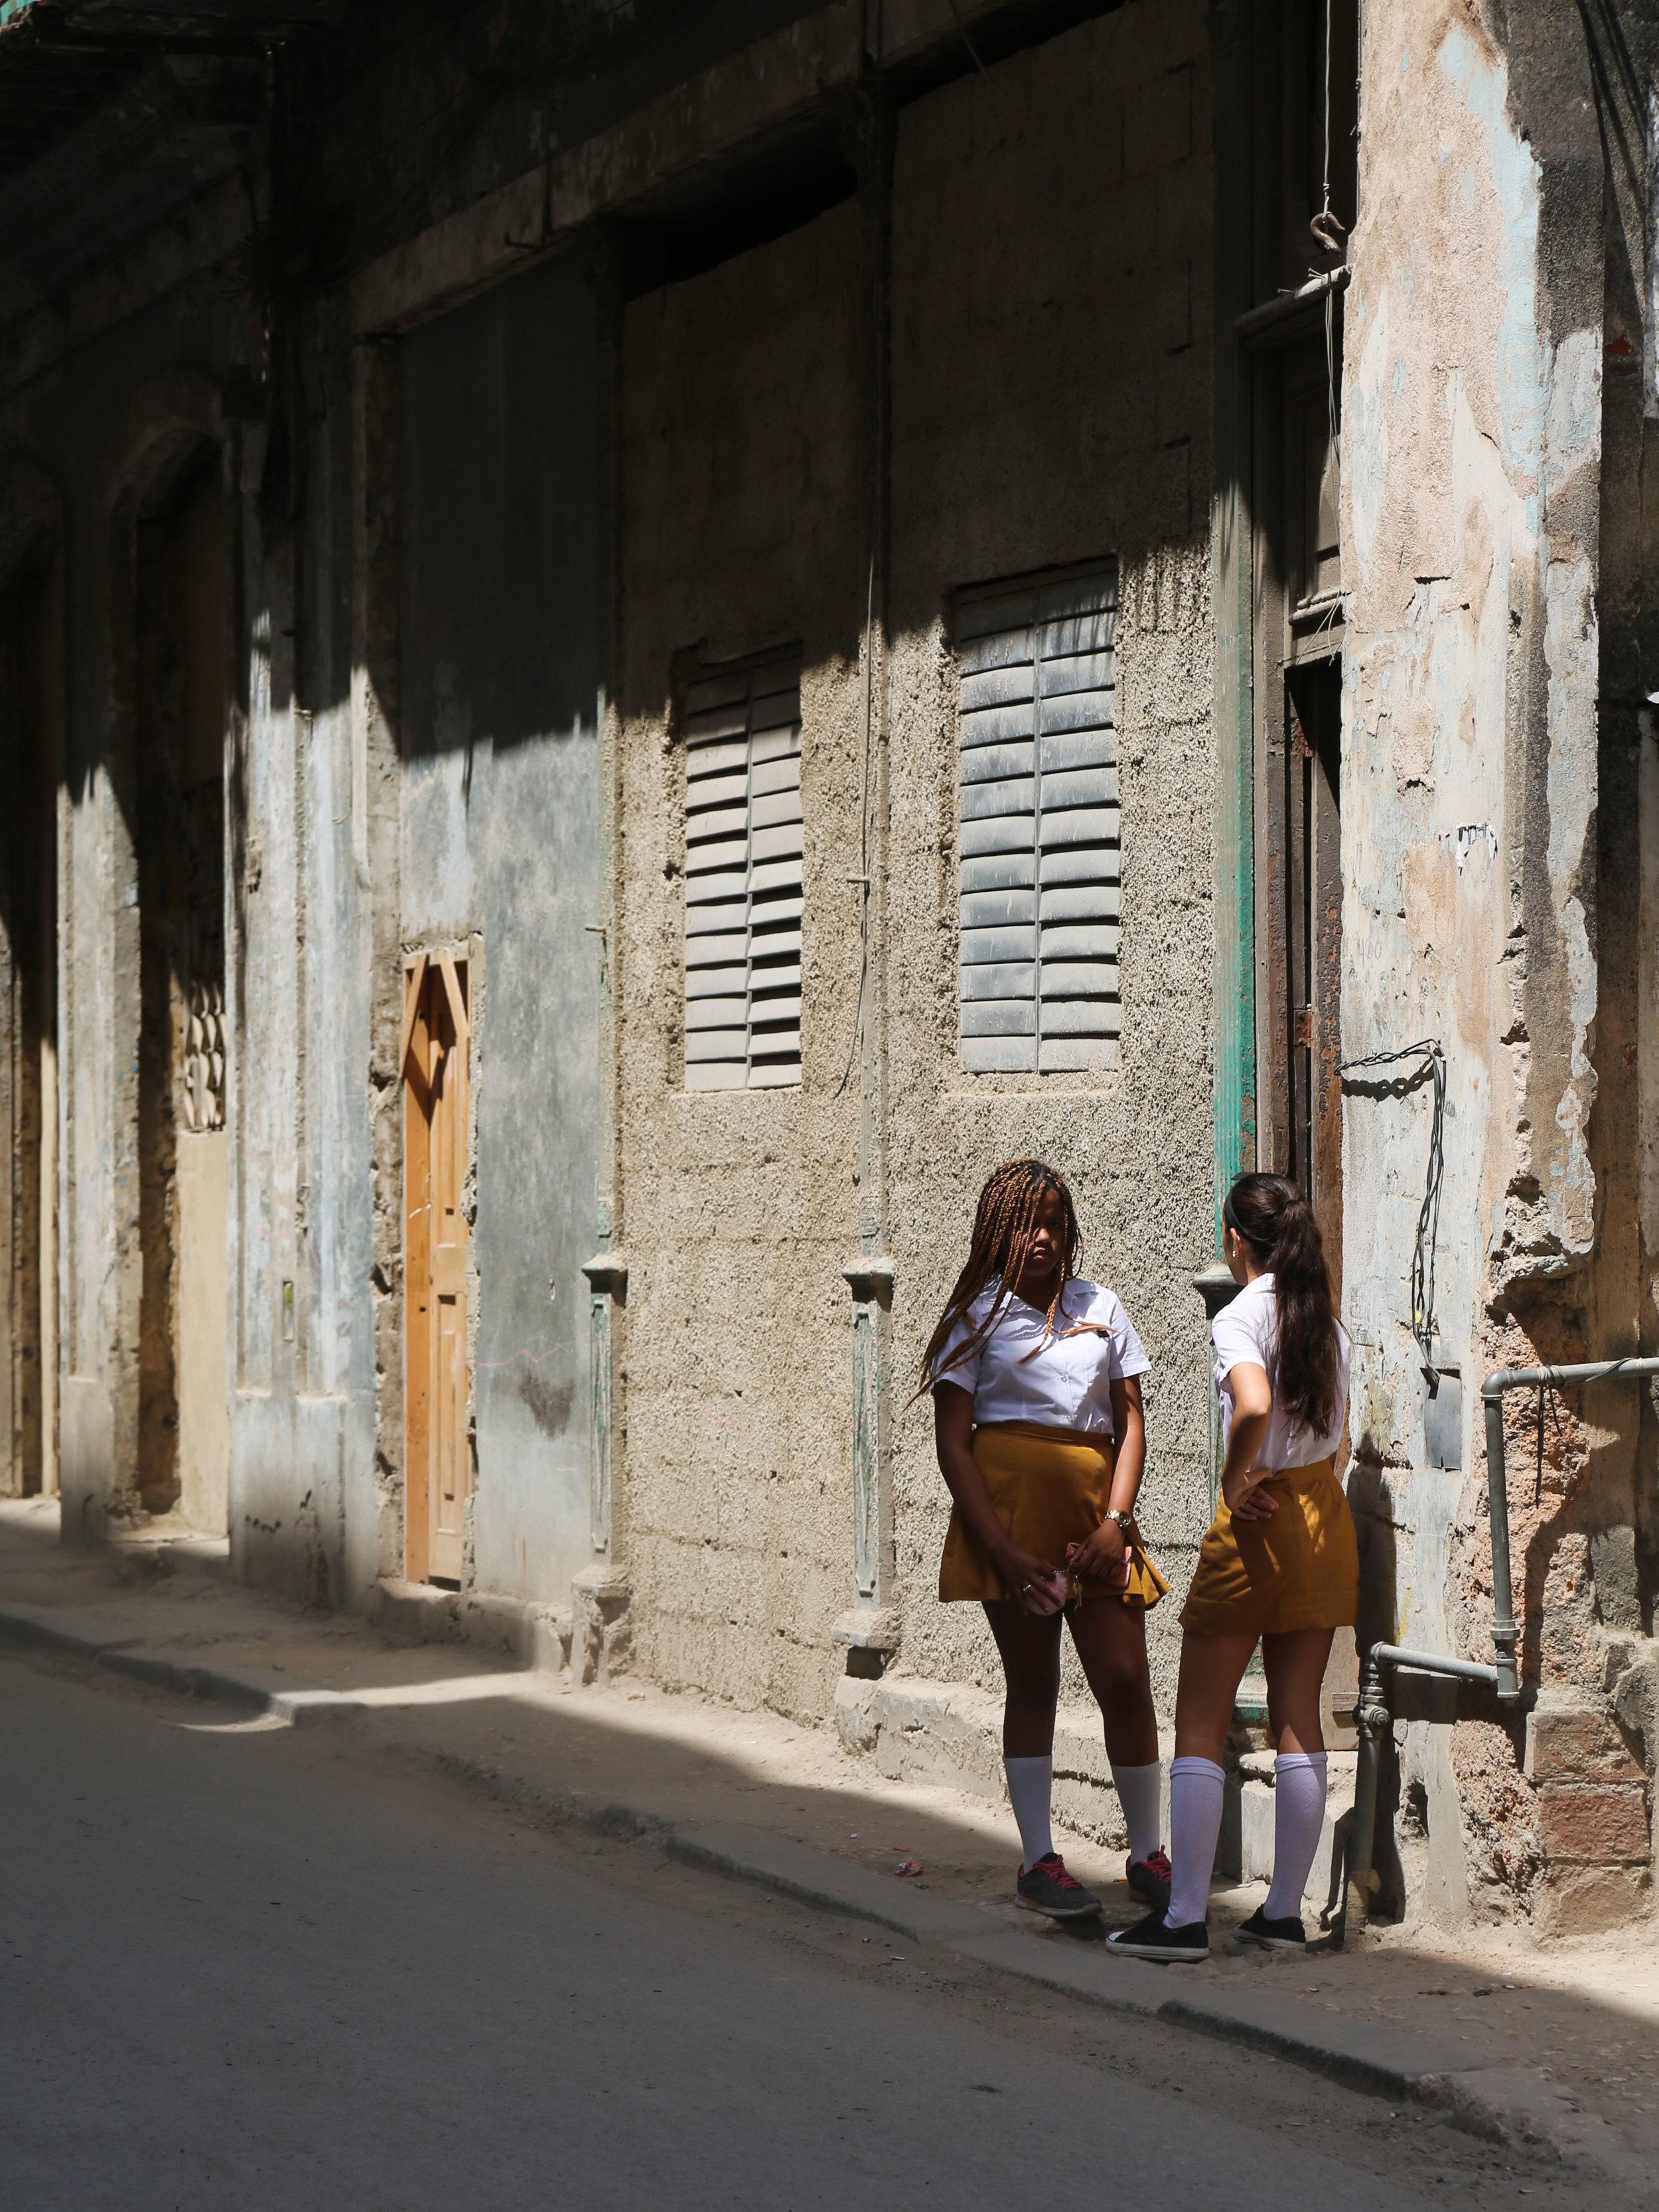 Katie_June_Burton_katiefresca_CUBA-11.jpg